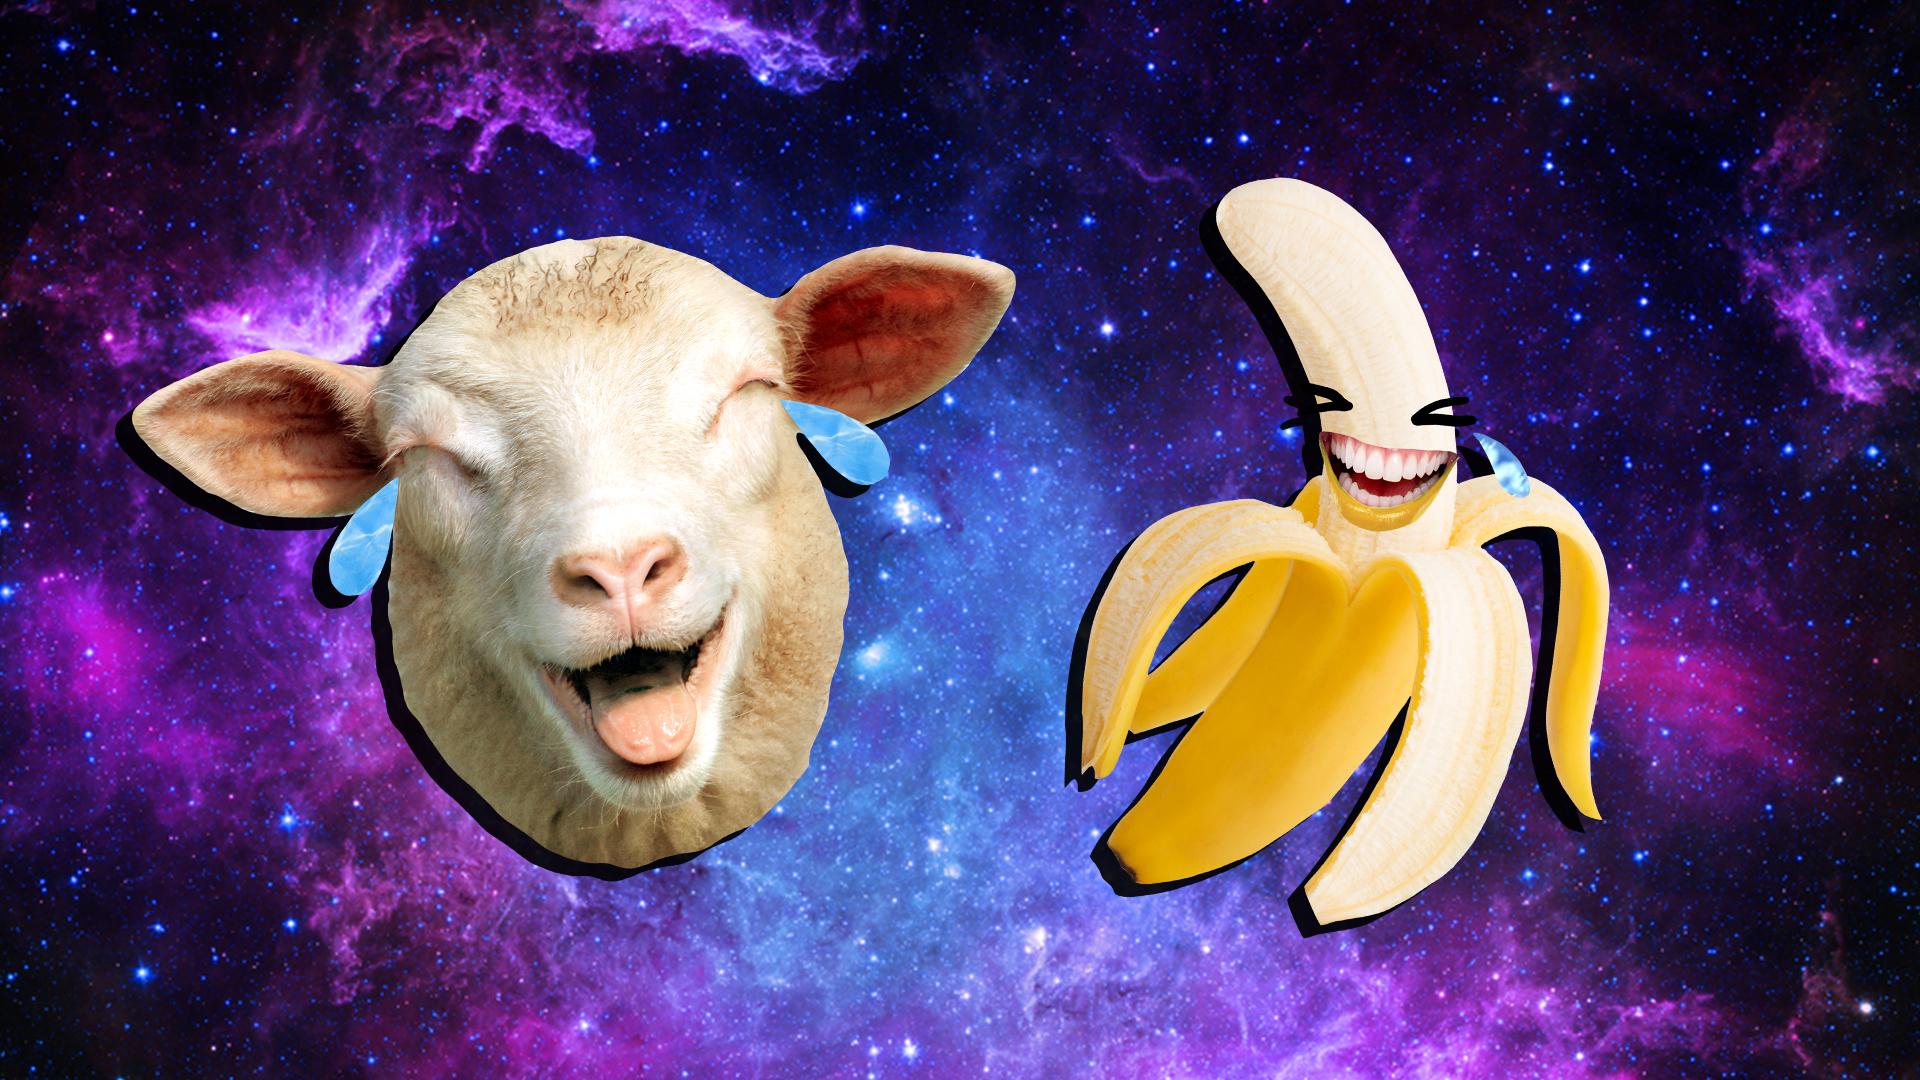 A cry laughing banana and sheep